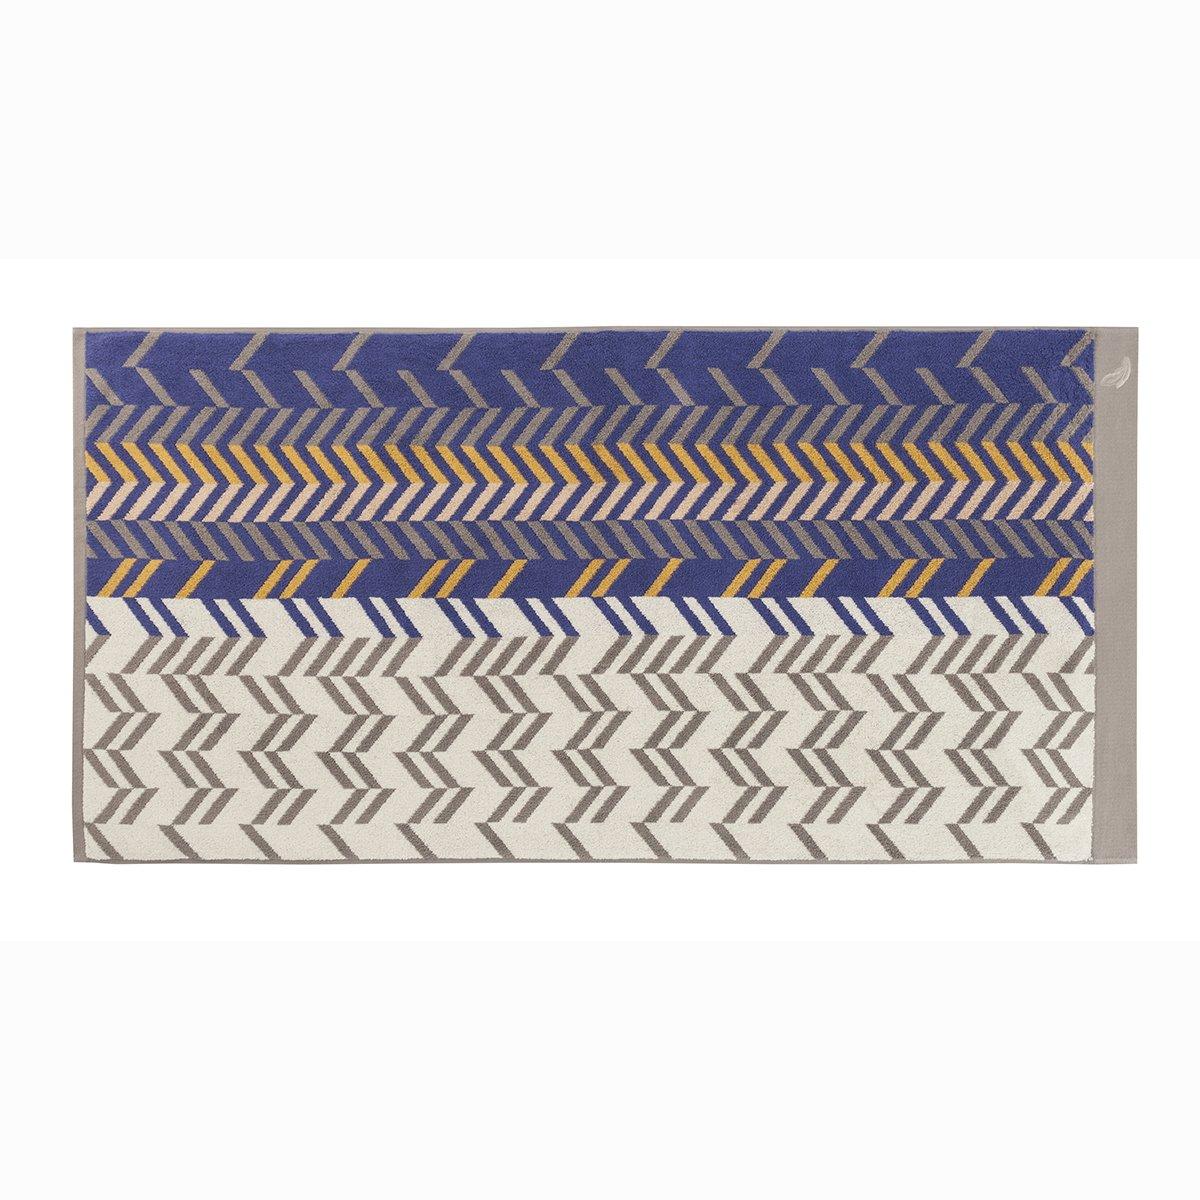 Drap de douche coton 70x140 cm bleu foncé rayé